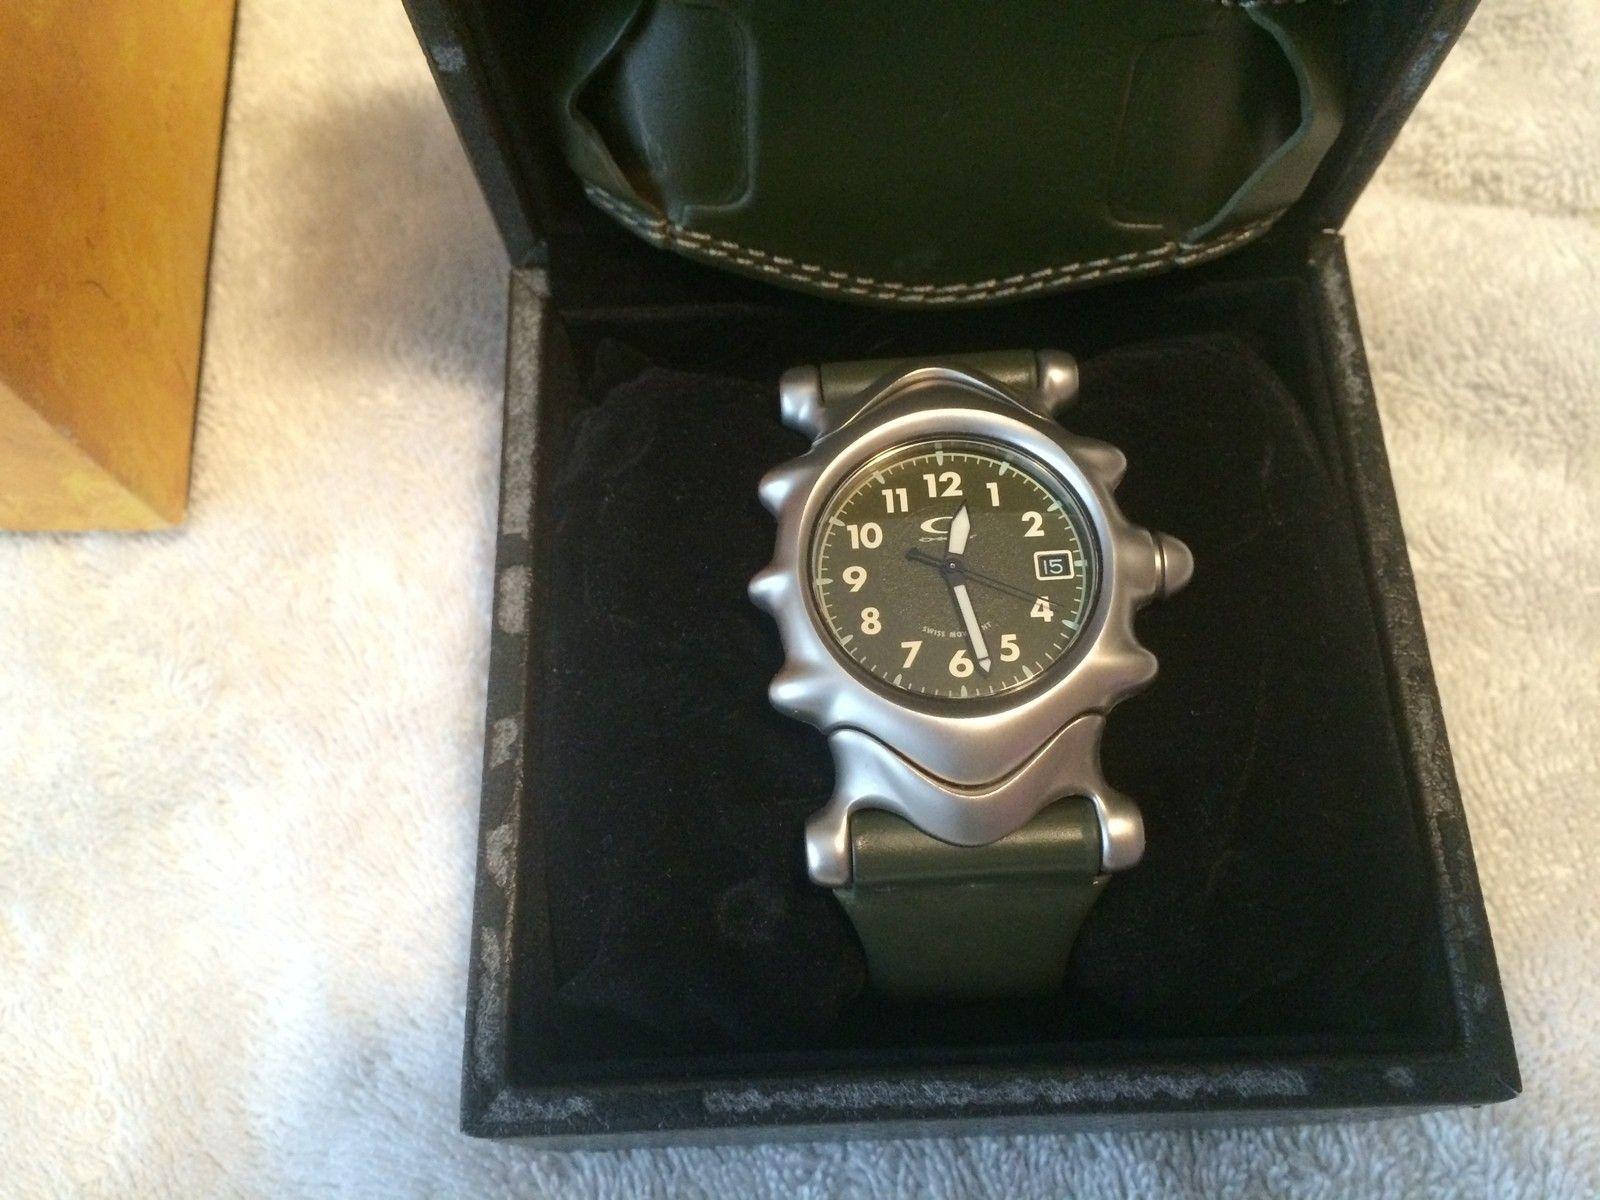 Olive Saddleback Watch BNIB - IMG_4642.JPG